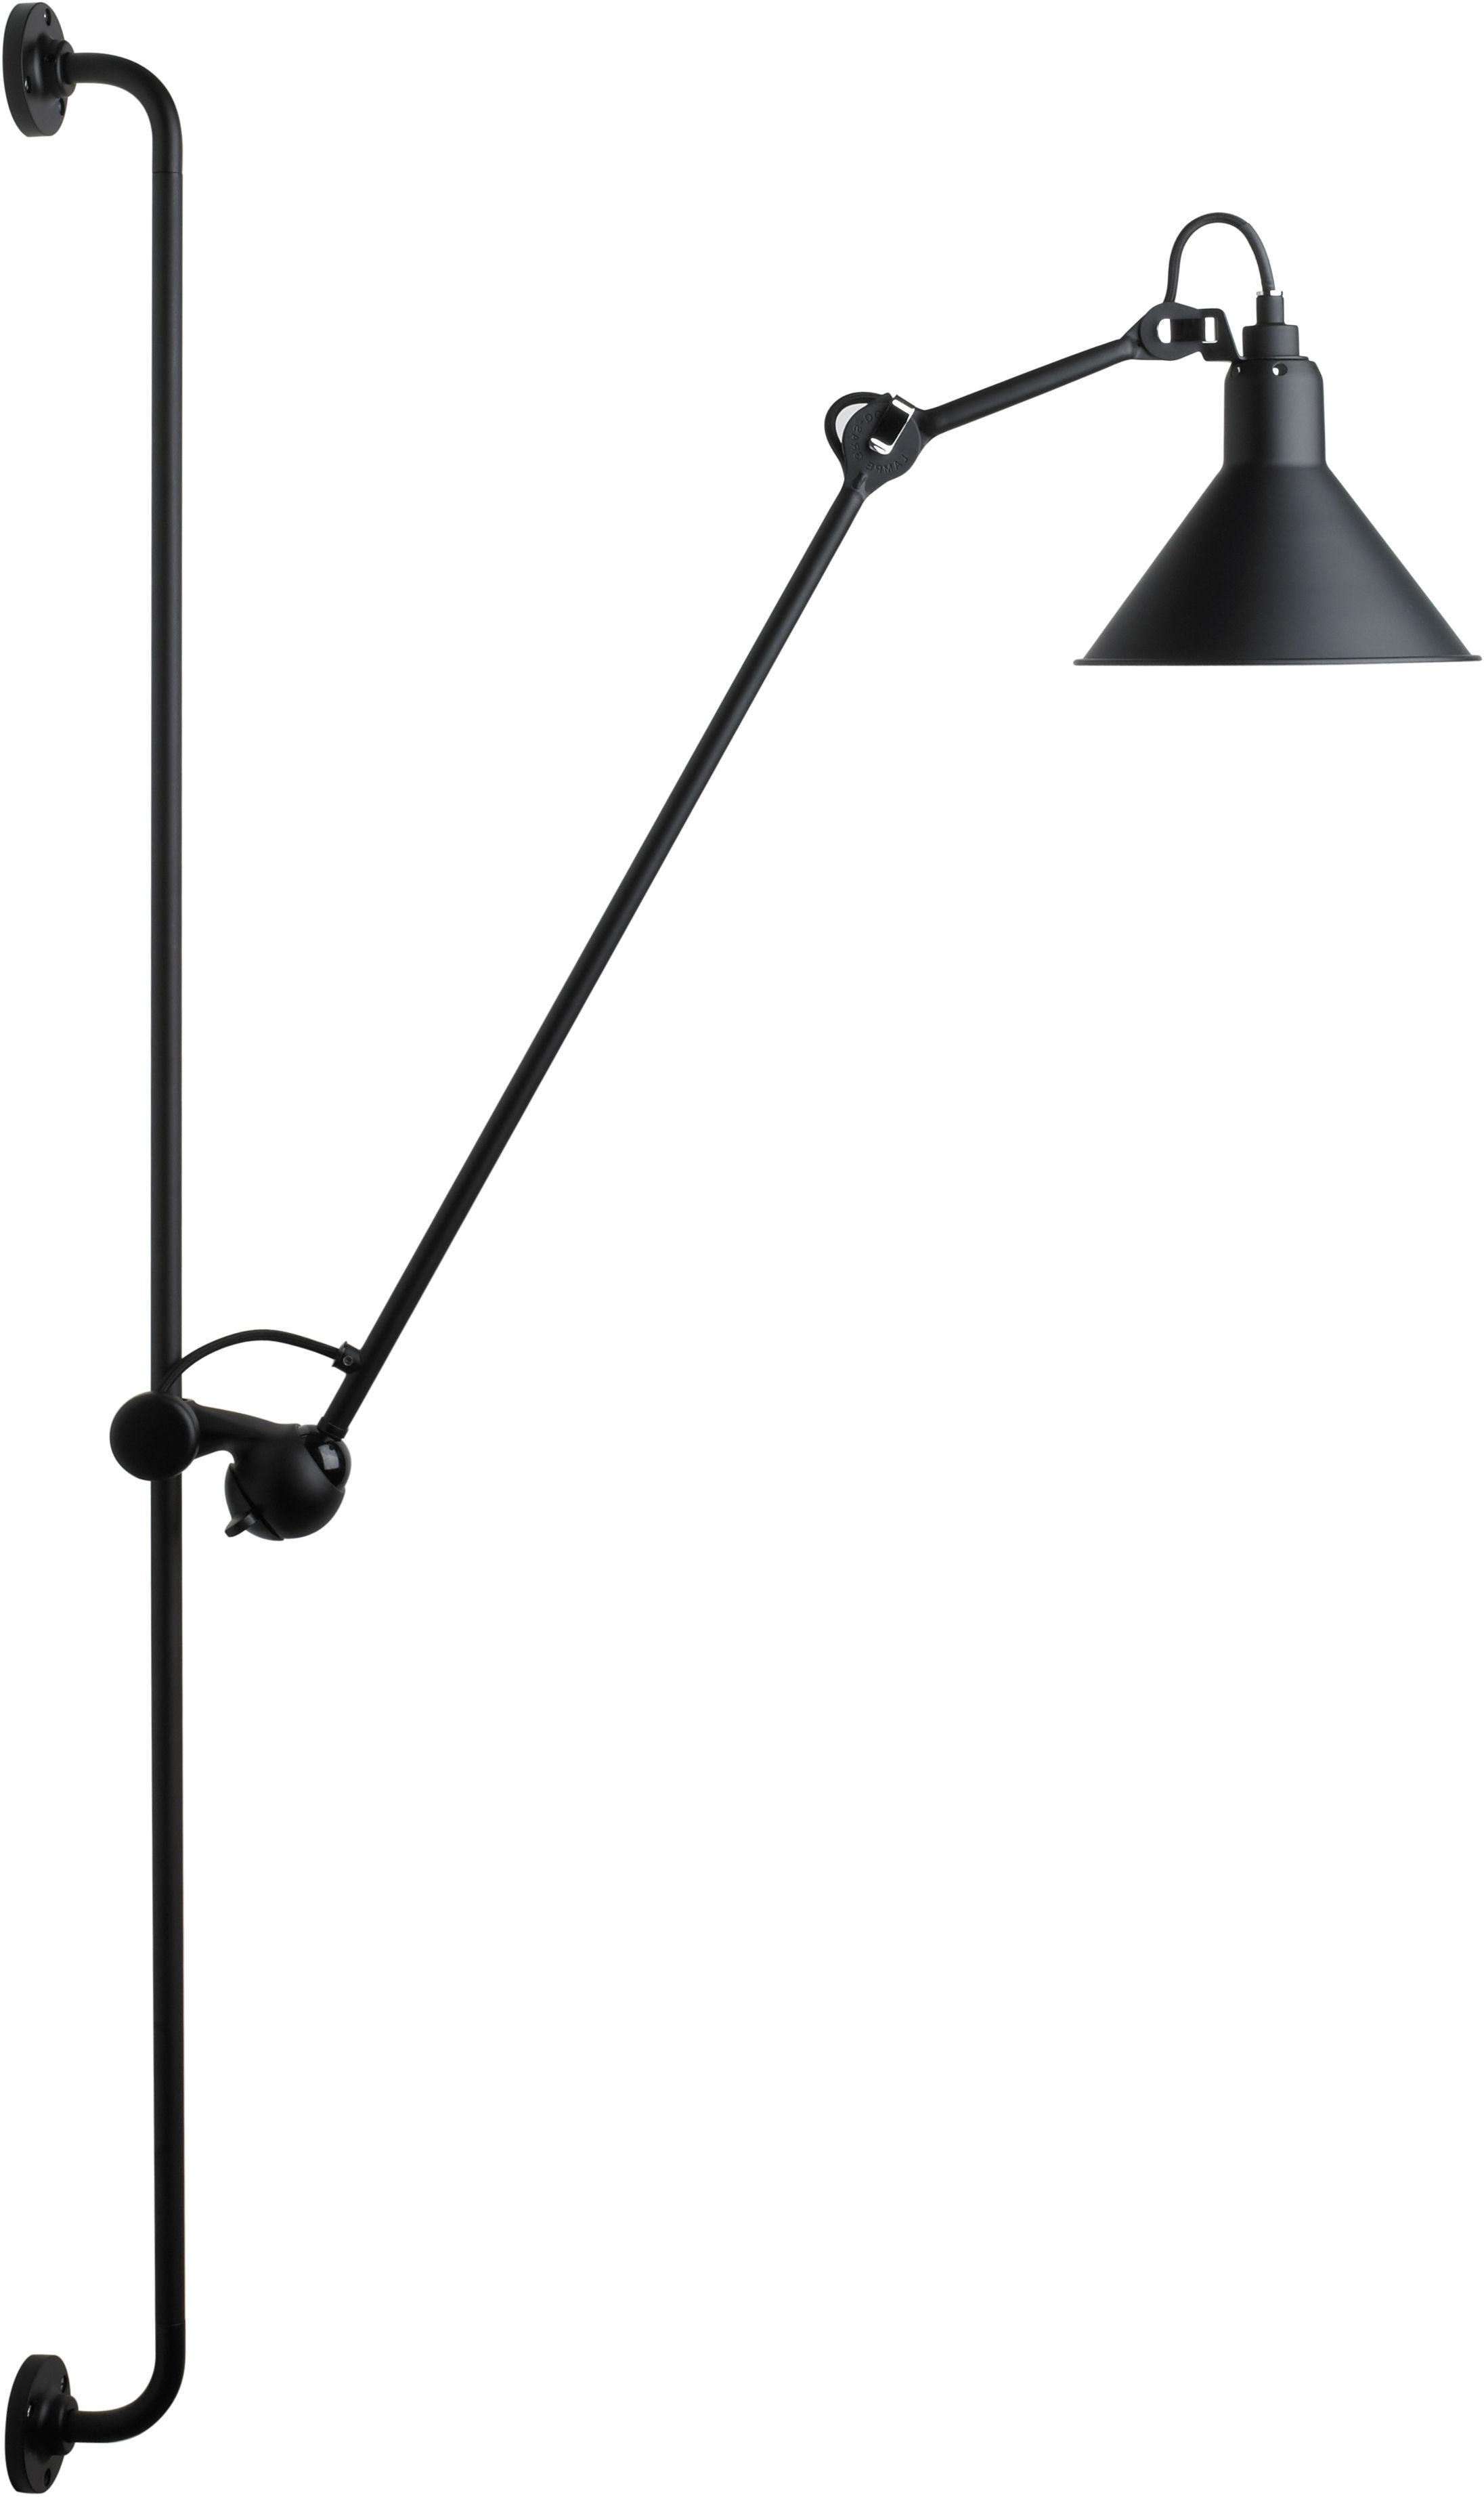 Leuchten - Wandleuchten - N°214 Wandleuchte mit Stromkabel - DCW éditions - Schwarz-matt (satiniert) - Stahl